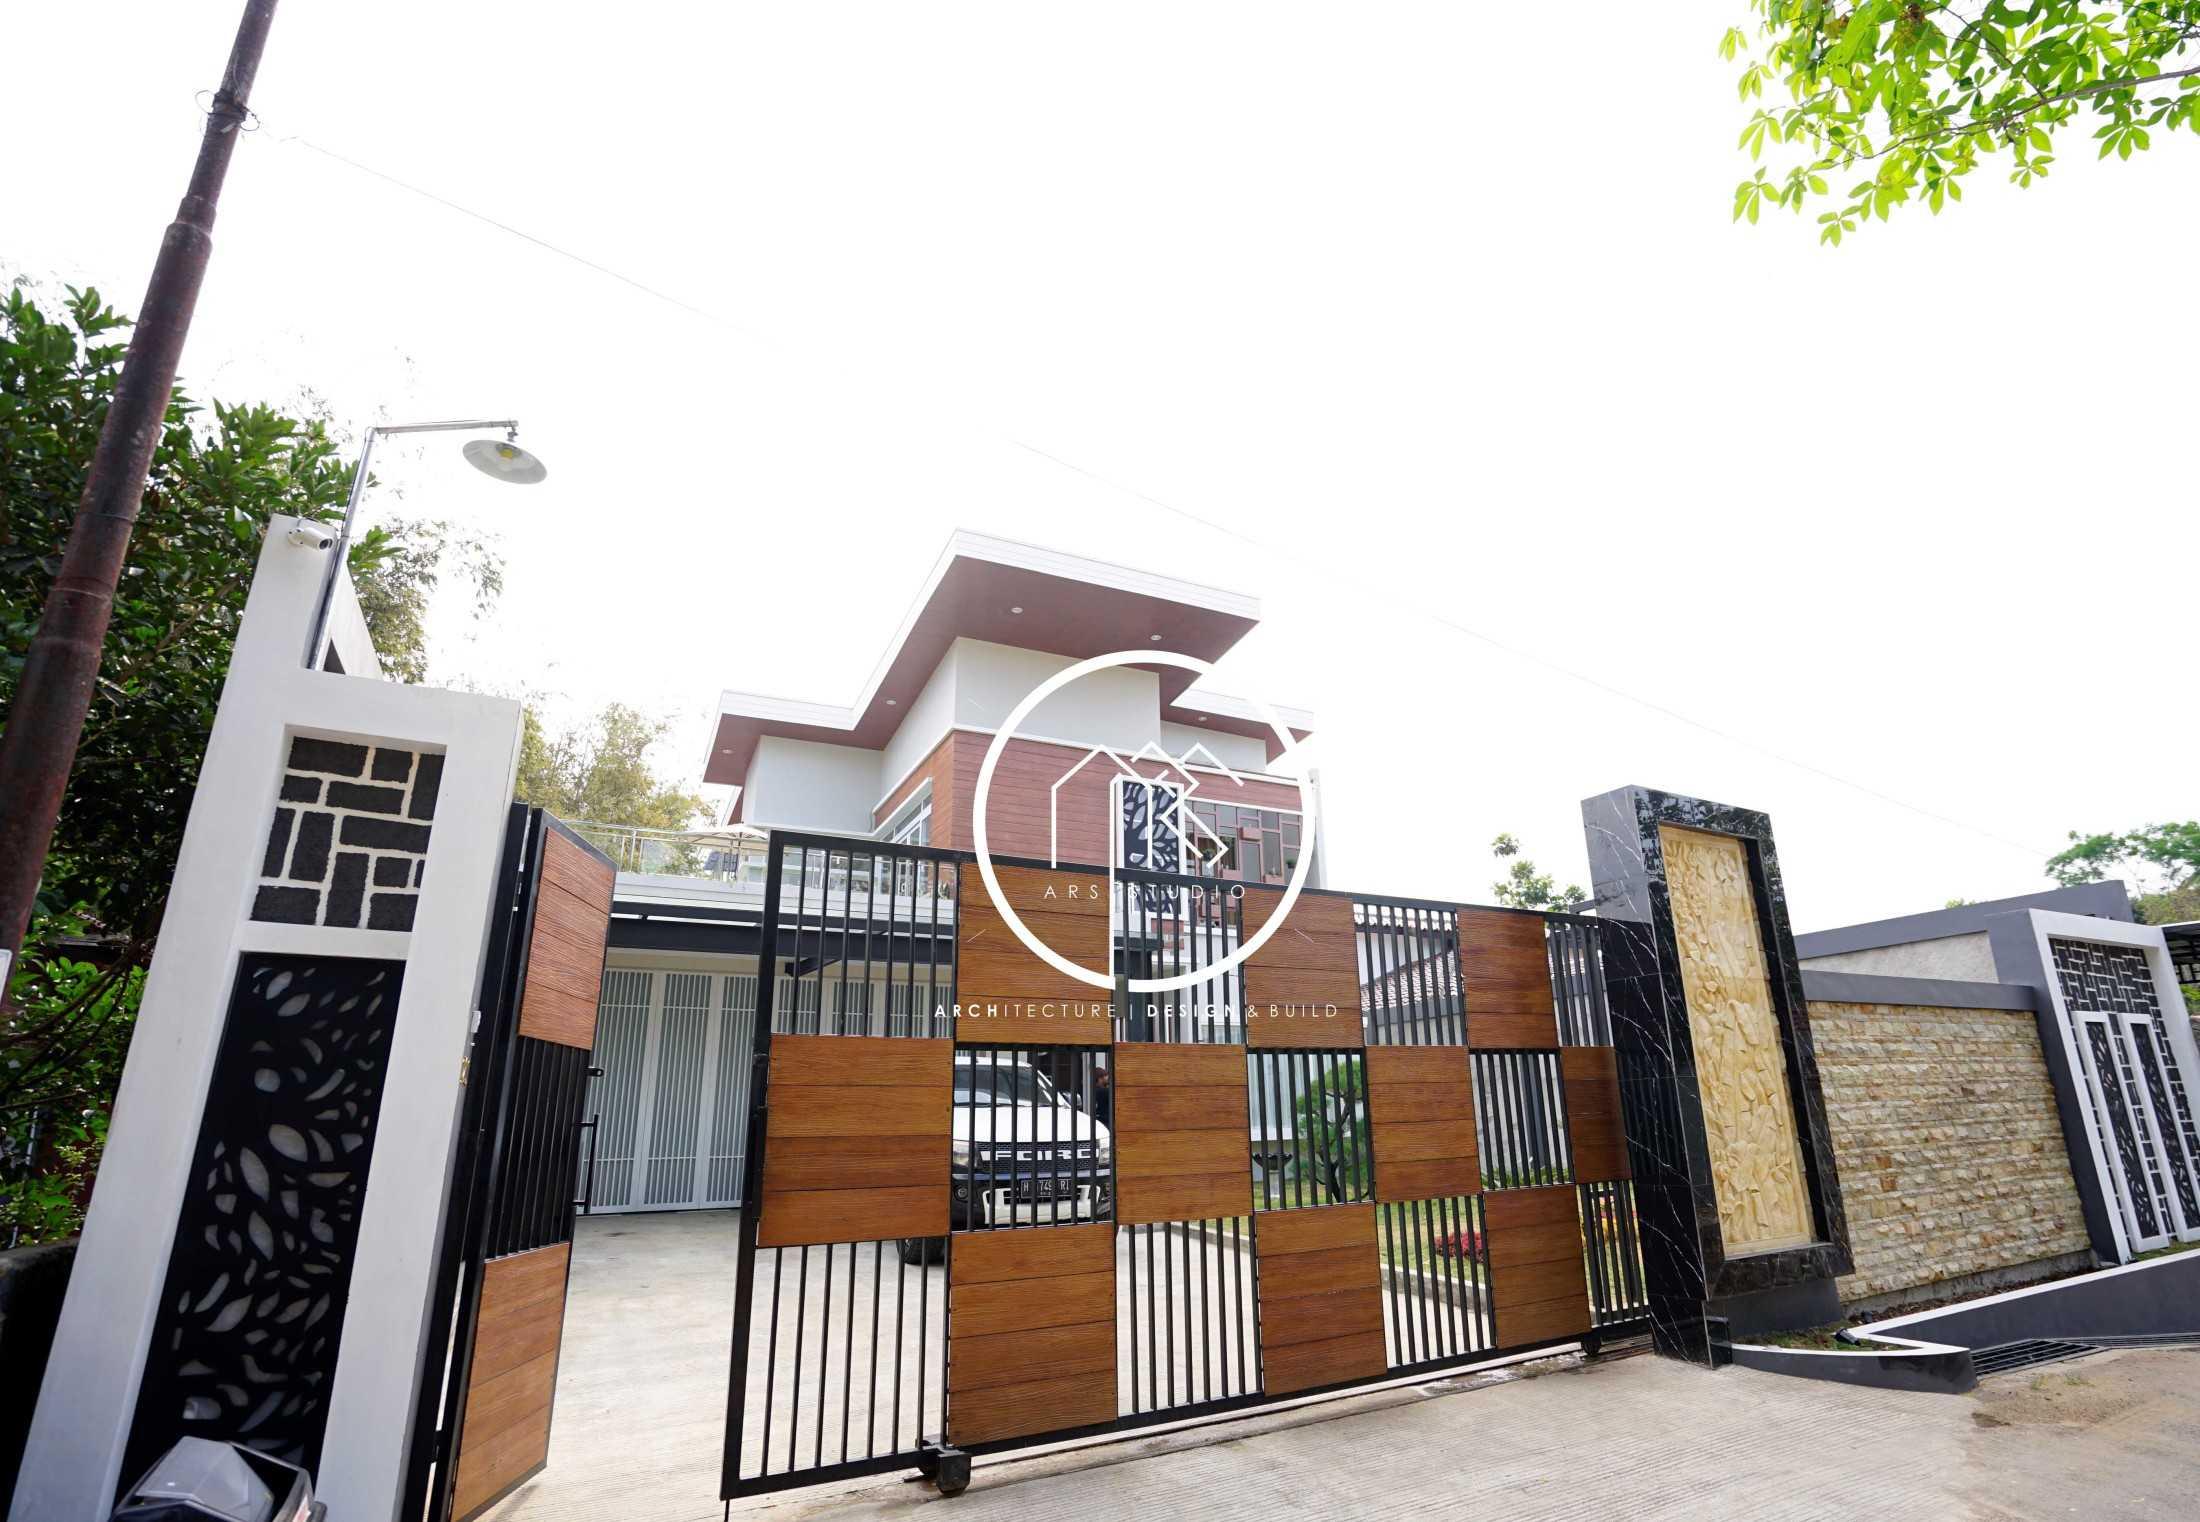 Ars Studio Yh House Salatiga, Kota Salatiga, Jawa Tengah, Indonesia Salatiga, Kota Salatiga, Jawa Tengah, Indonesia Ars-Studio-Cm-House  72216